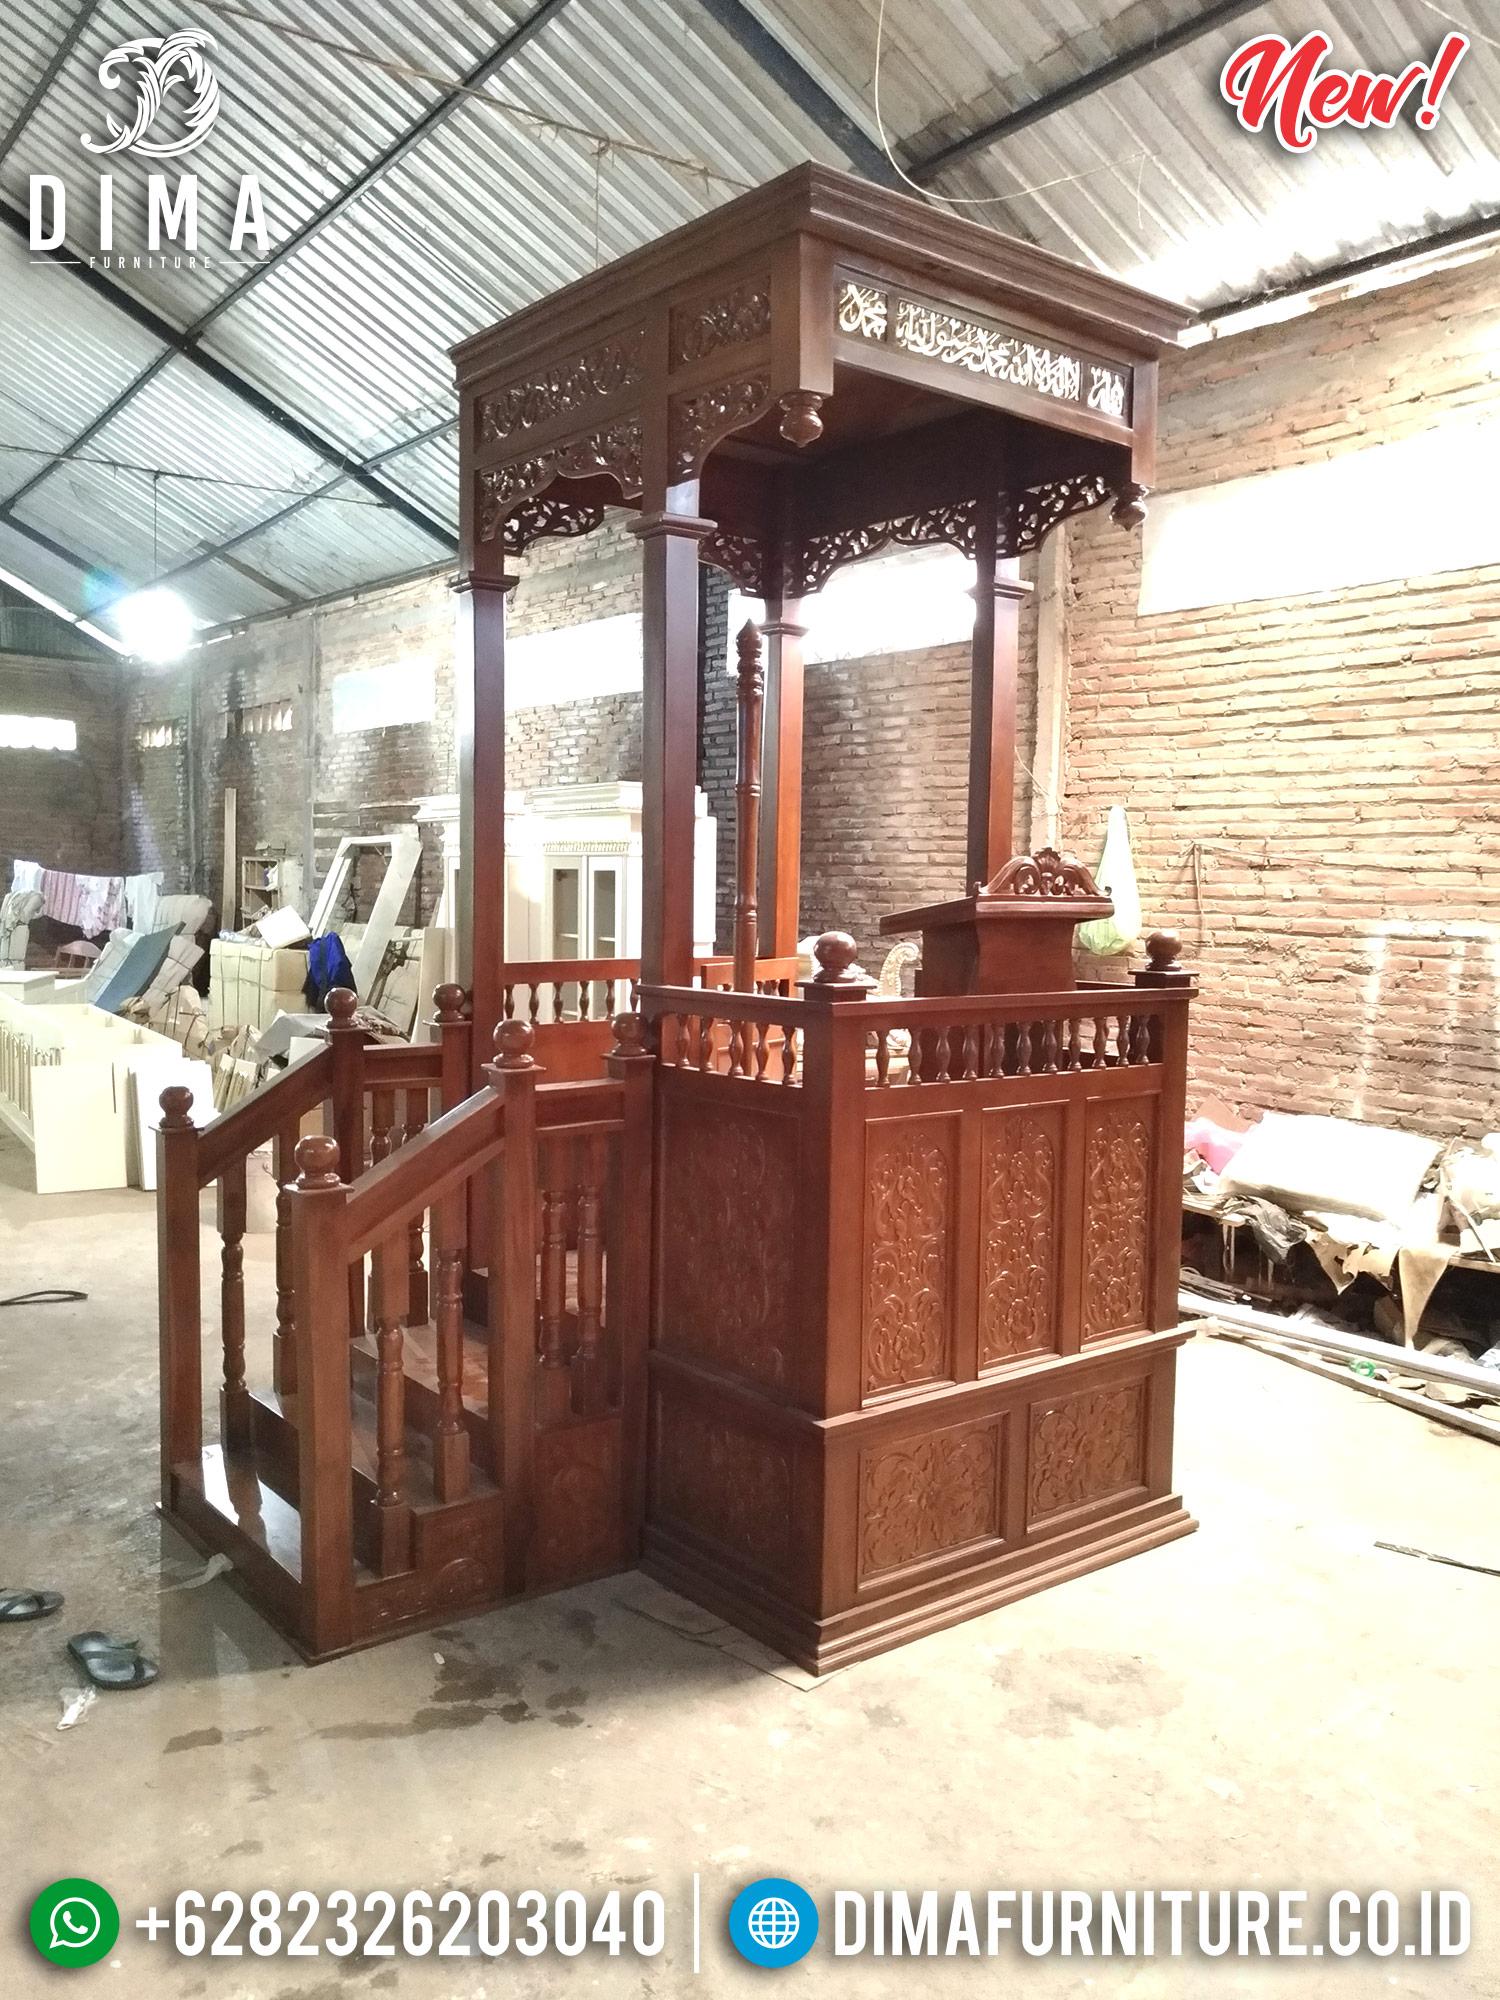 Jual Mimbar Masjid Jati Jepara TPK Perhutani MMJ-0204 Gambar 1